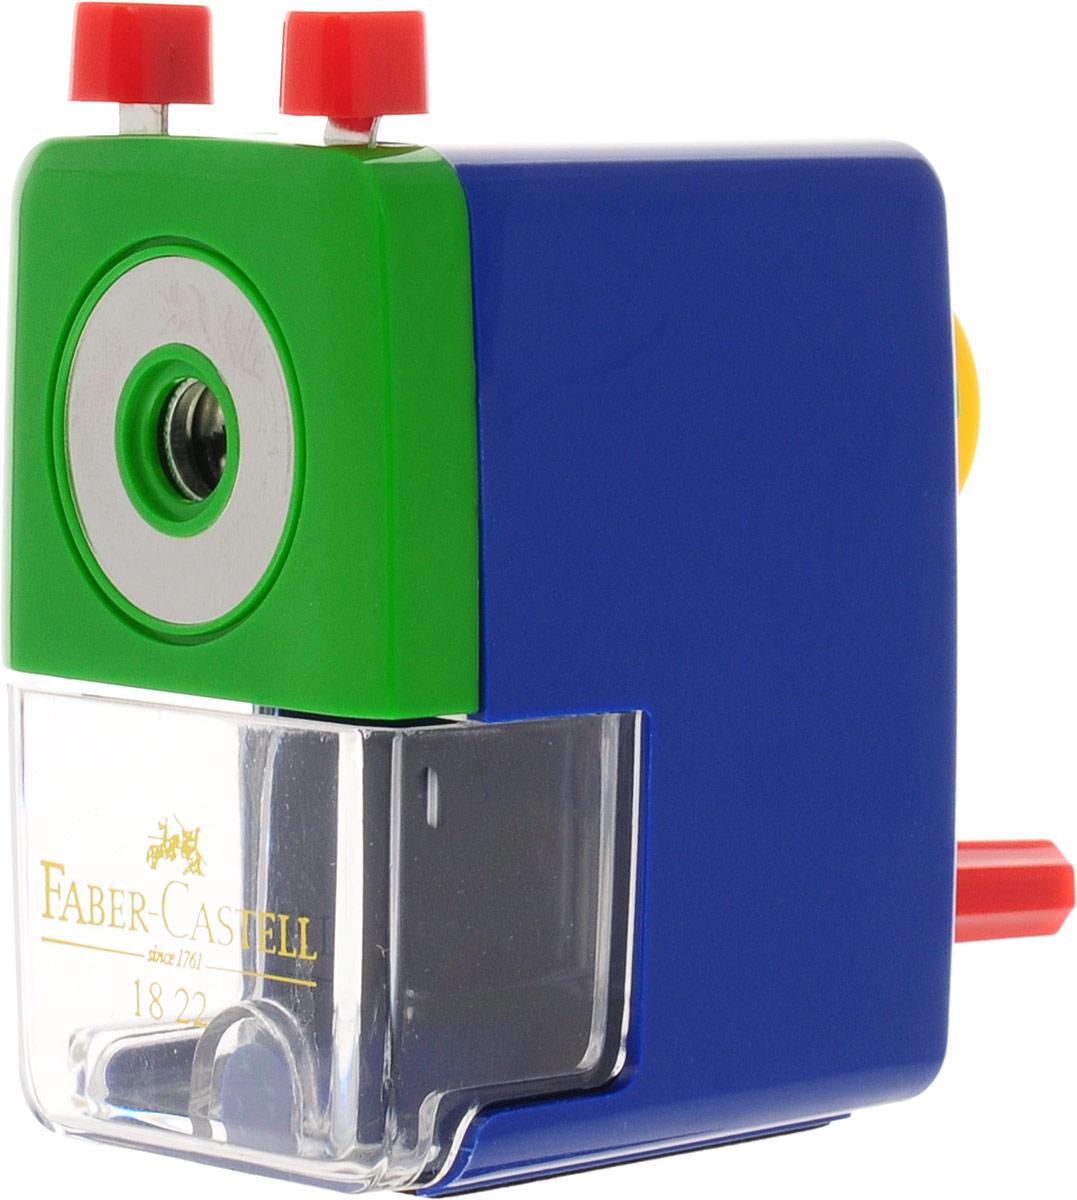 Faber-Castell Точилка настольная цвет синий582200_синийНастольная точилка Faber-Castell предназначена для круглых, шестигранных, трехгранных и цветных карандашей.Изделиеимеет прочное спиральное лезвие, предназначенное для максимально острой заточки карандашей. Точилка оснащена прозрачным контейнером для стружек и специальным зажимом для крепления к столу. Подходит для карандашей диаметром до 8 мм.